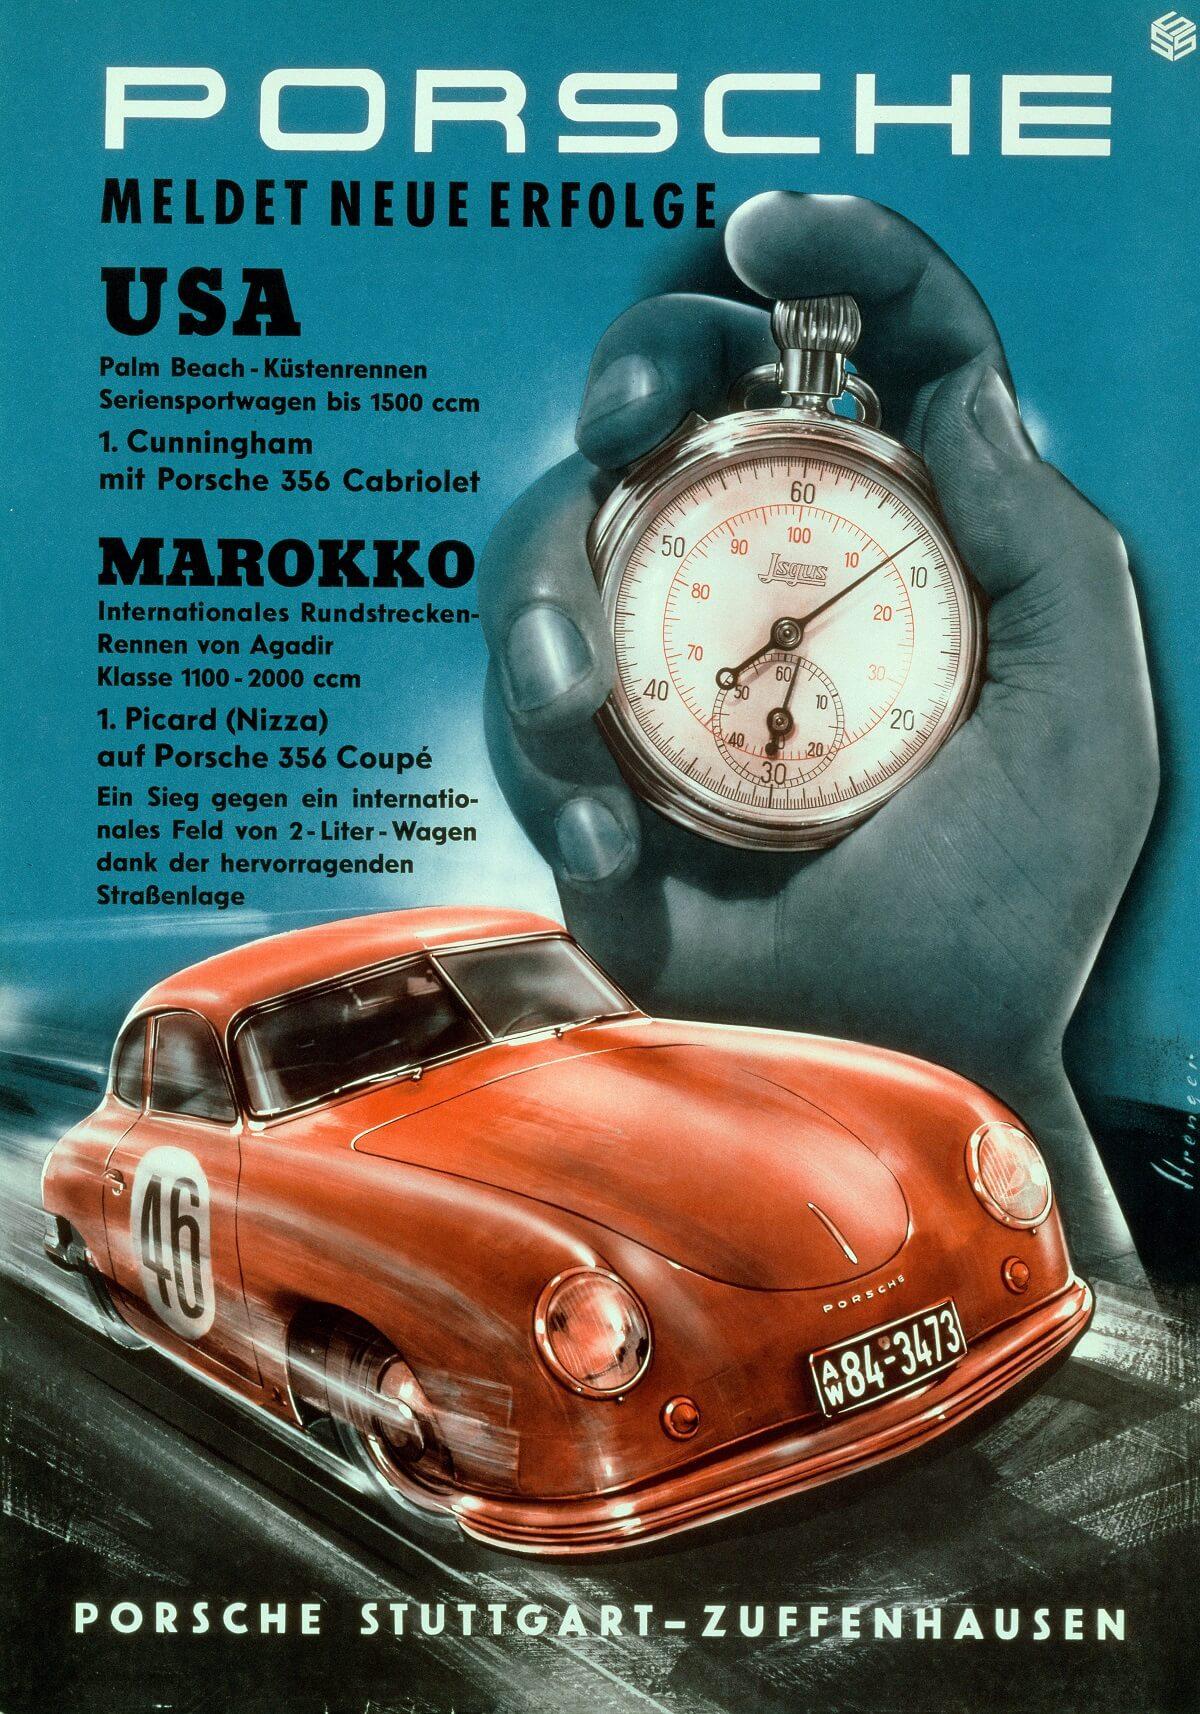 7713436_racing_poster_by_erich_strenger_2018_porsche_ag.jpg